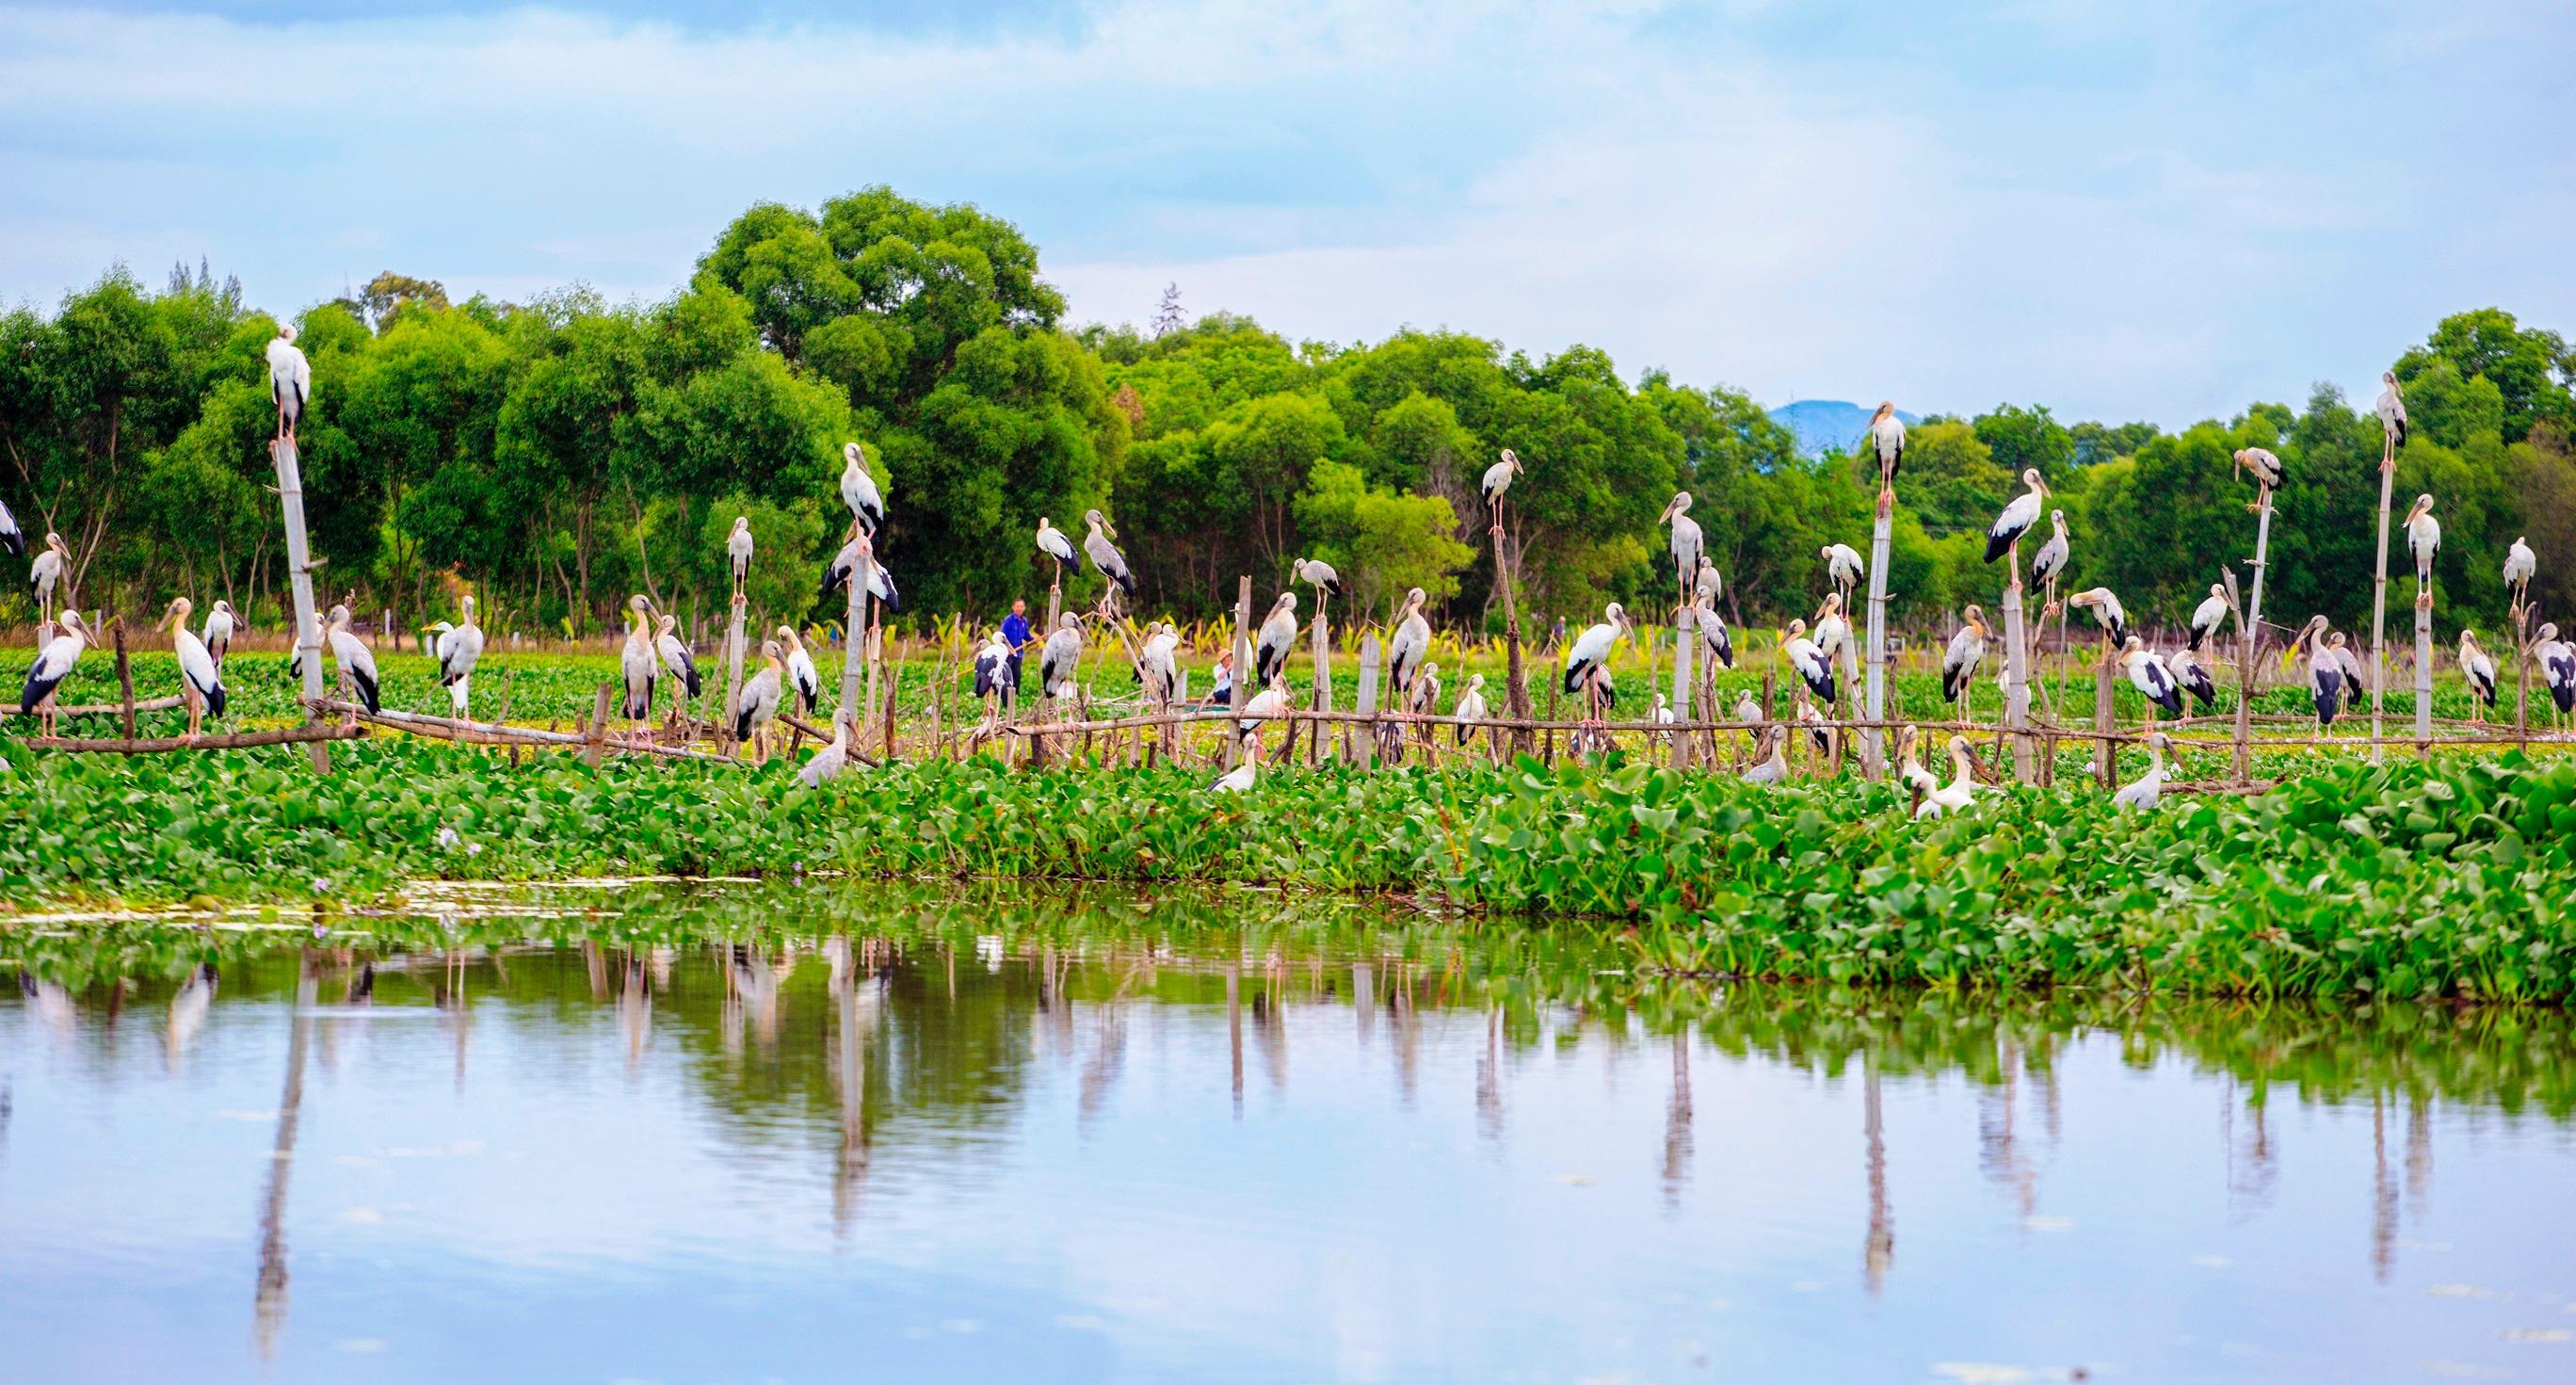 Chim cò di cư đậu kín sông Đầm Ảnh 3